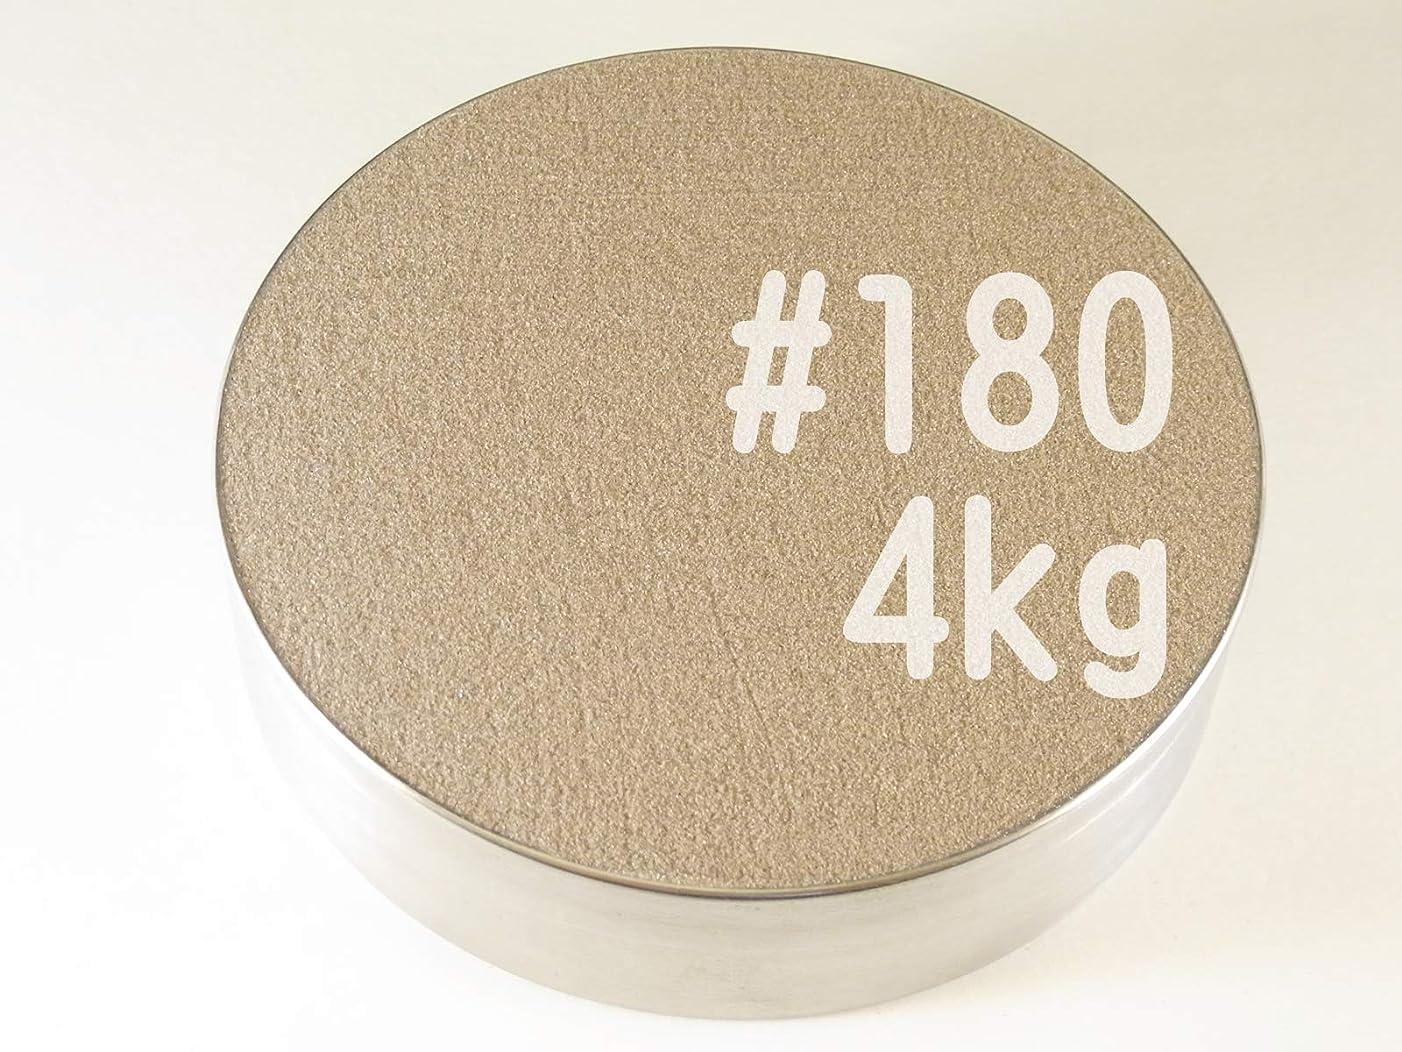 同様に代わりのドメイン#180 (4kg) アルミナサンド/アルミナメディア/砂/褐色アルミナ サンドブラスト用(番手サイズは7種類から #40#60#80#100#120#180#220 )